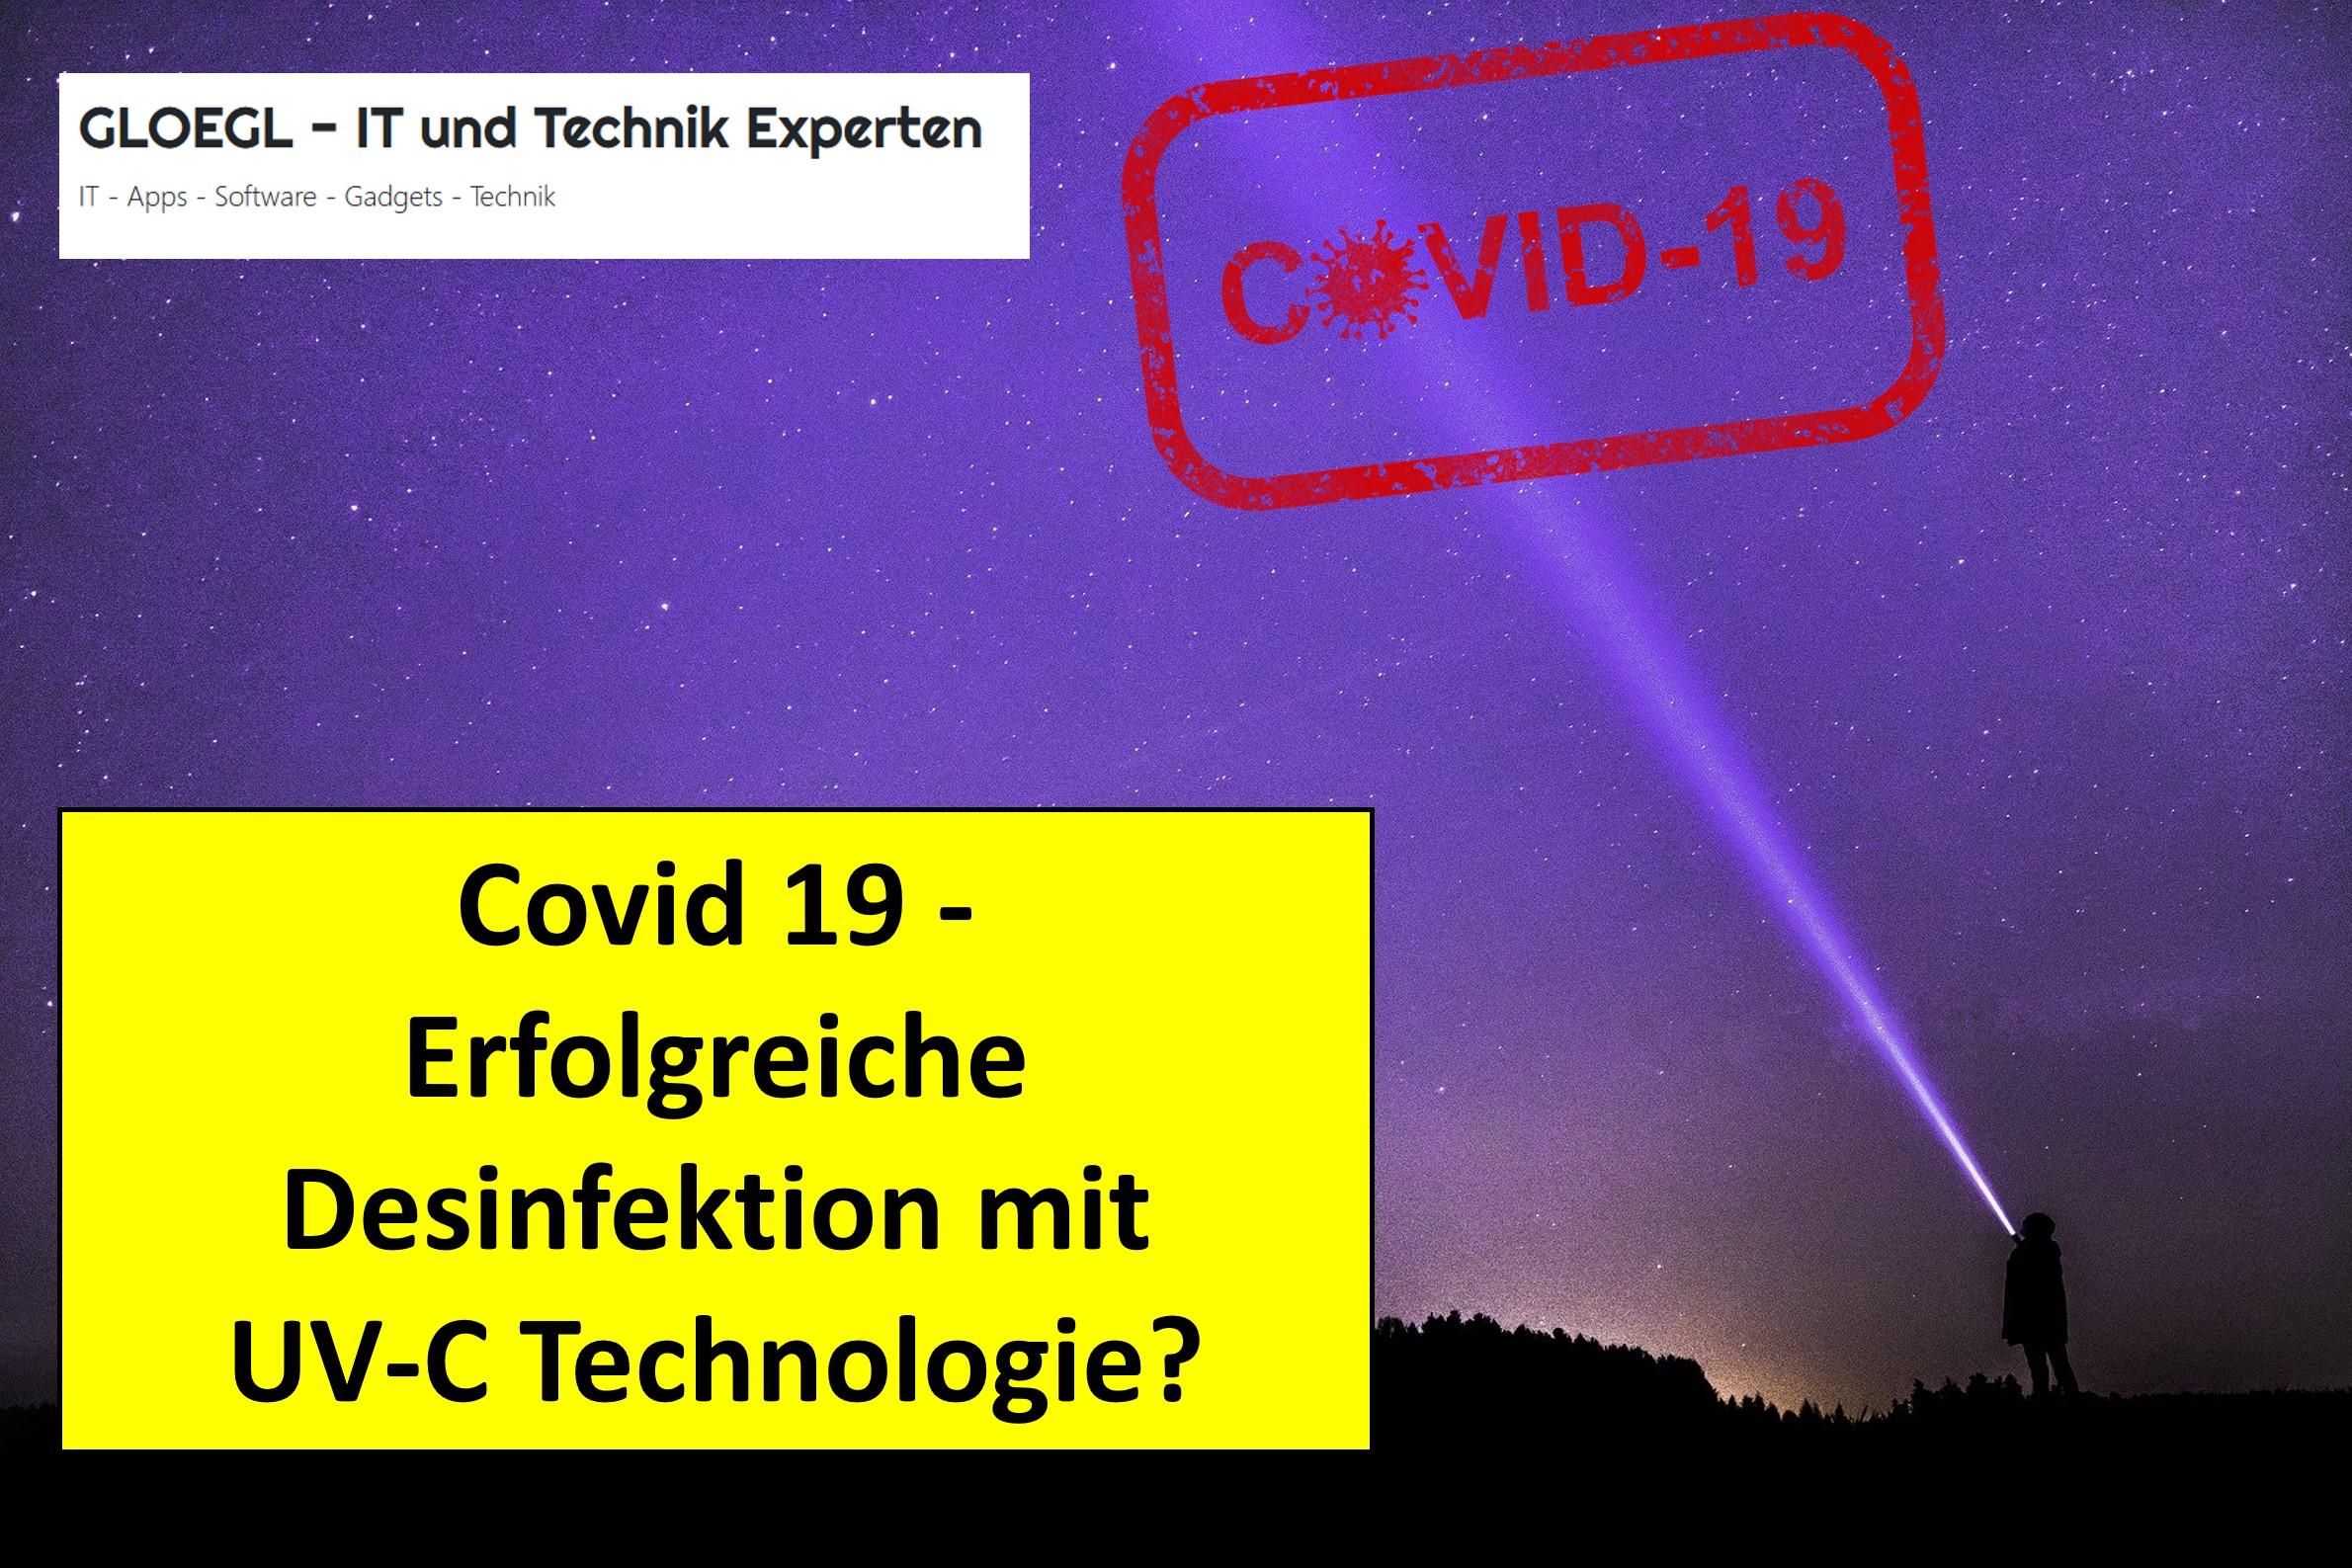 Desinfektion mit UV-Licht - funktioniert das wirklich?